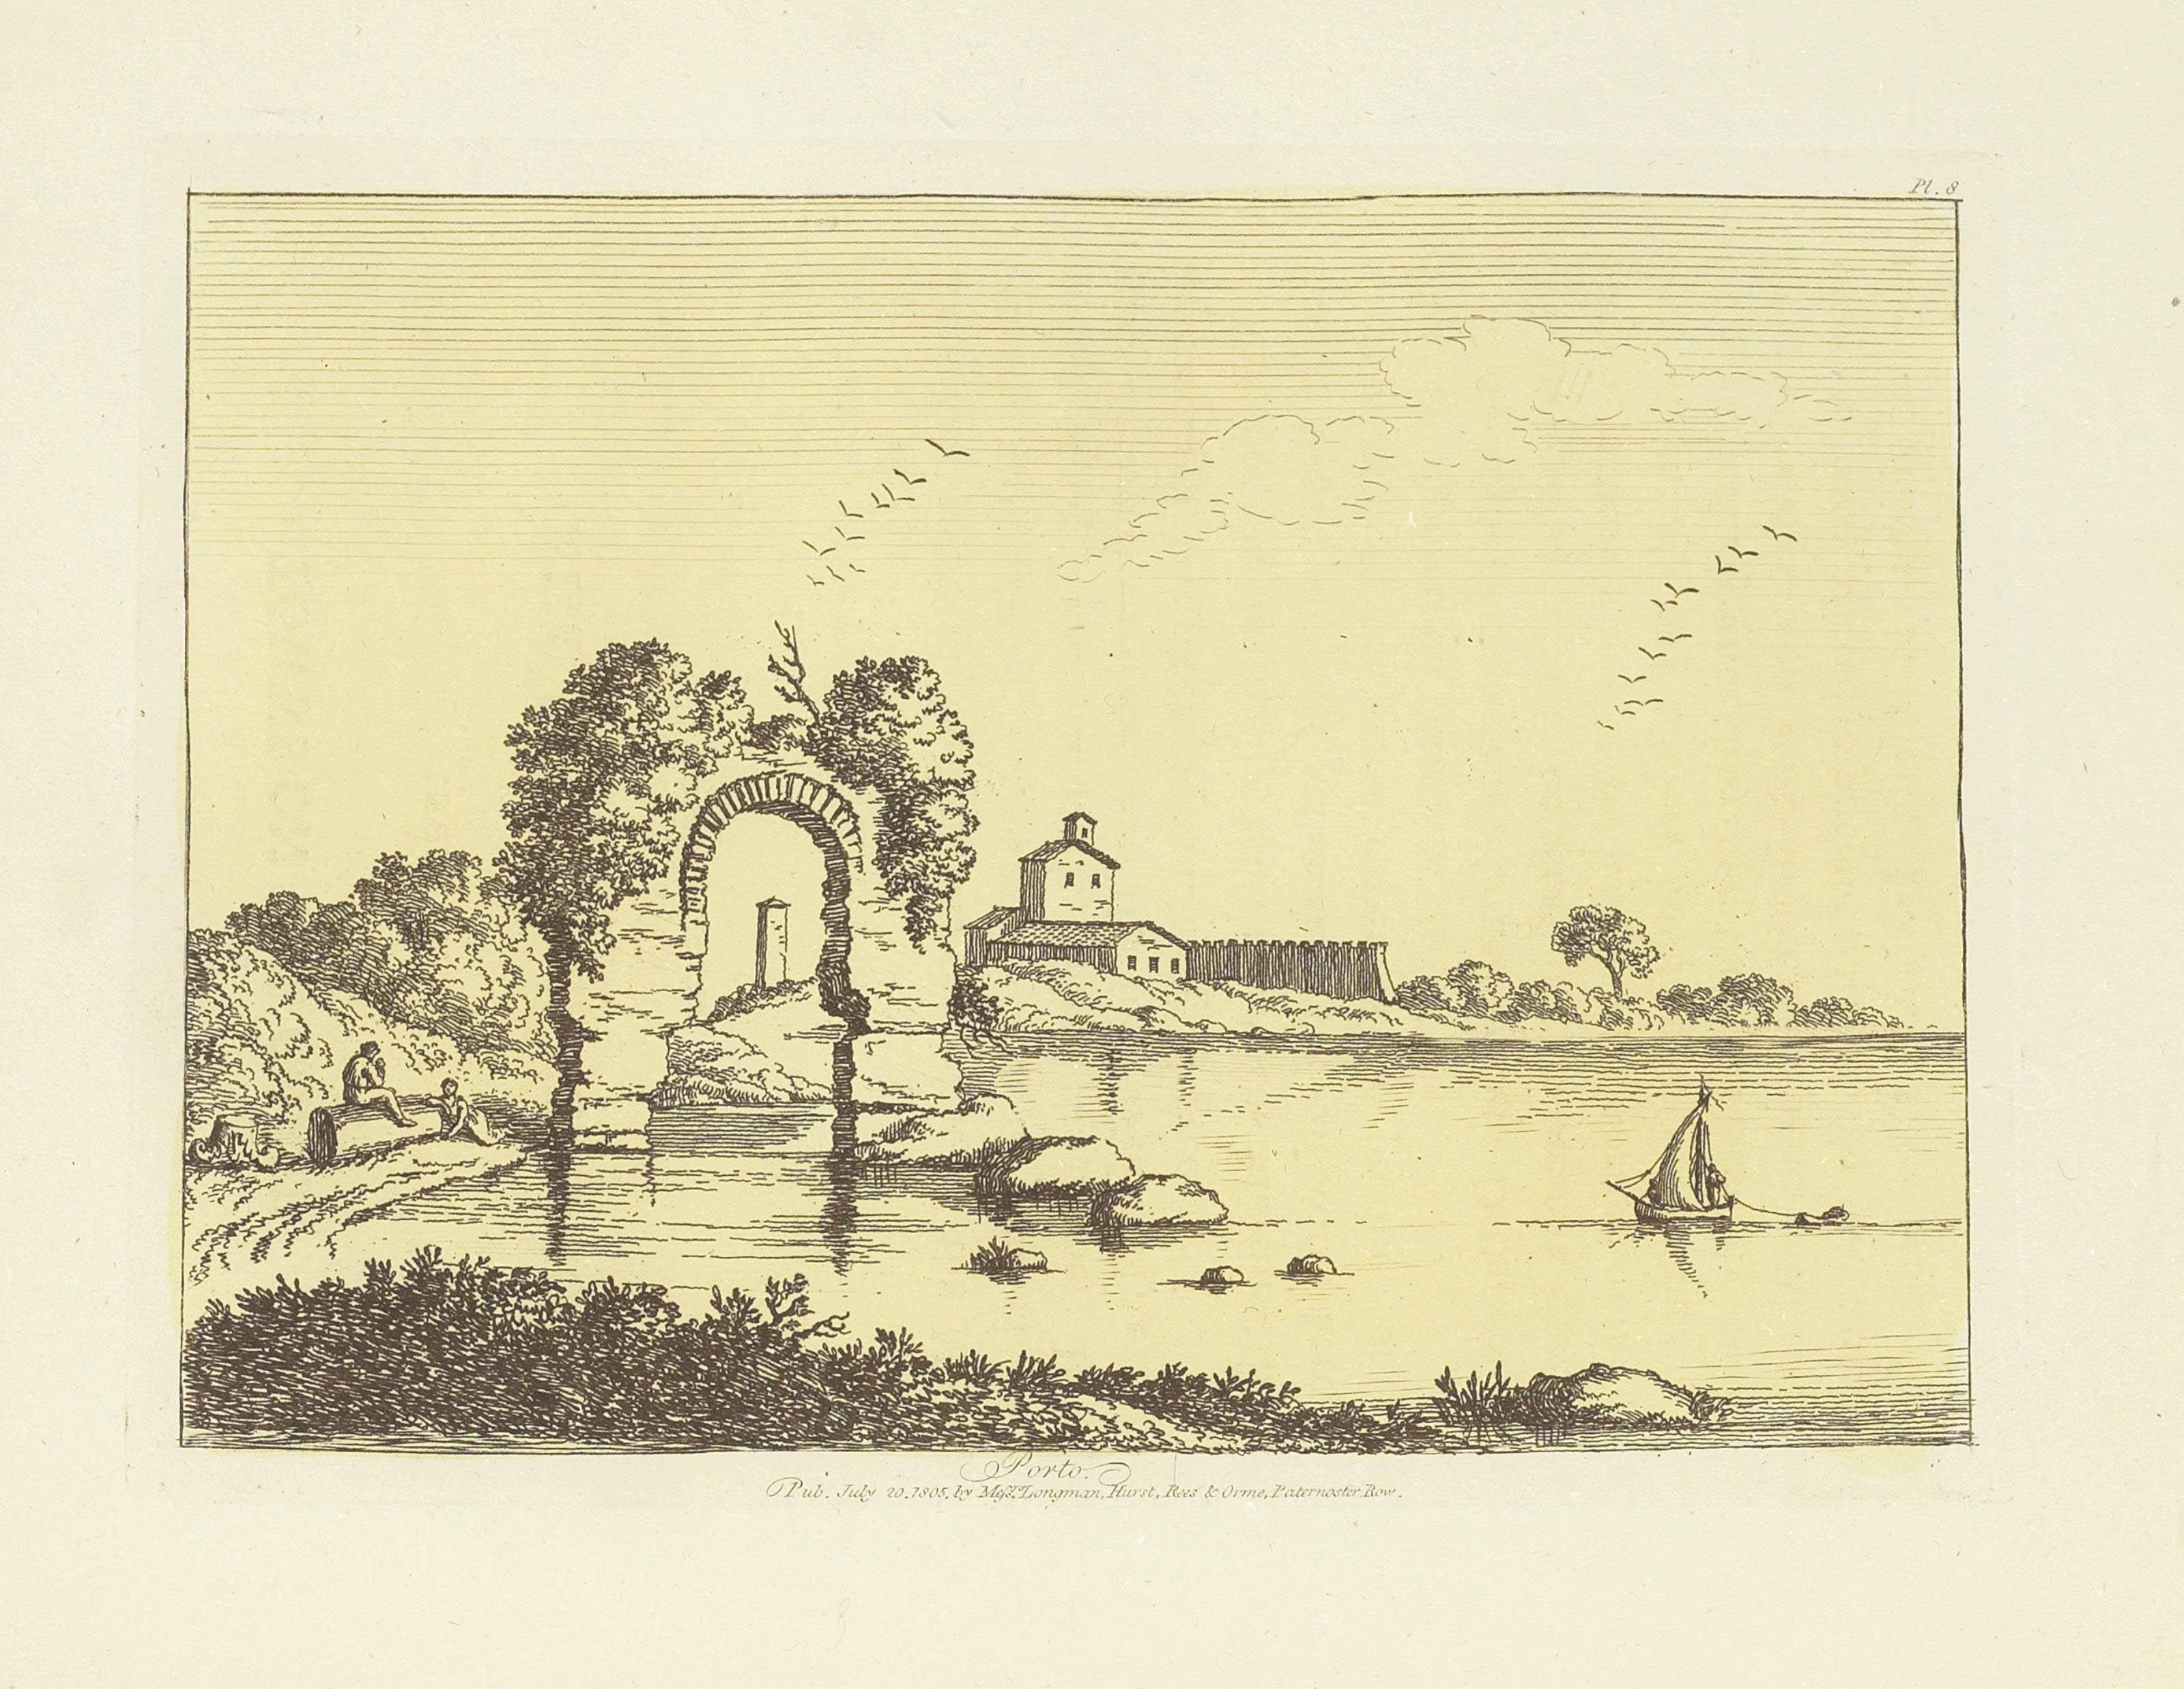 [KNIGHT, Cornelia (1757-1837)]